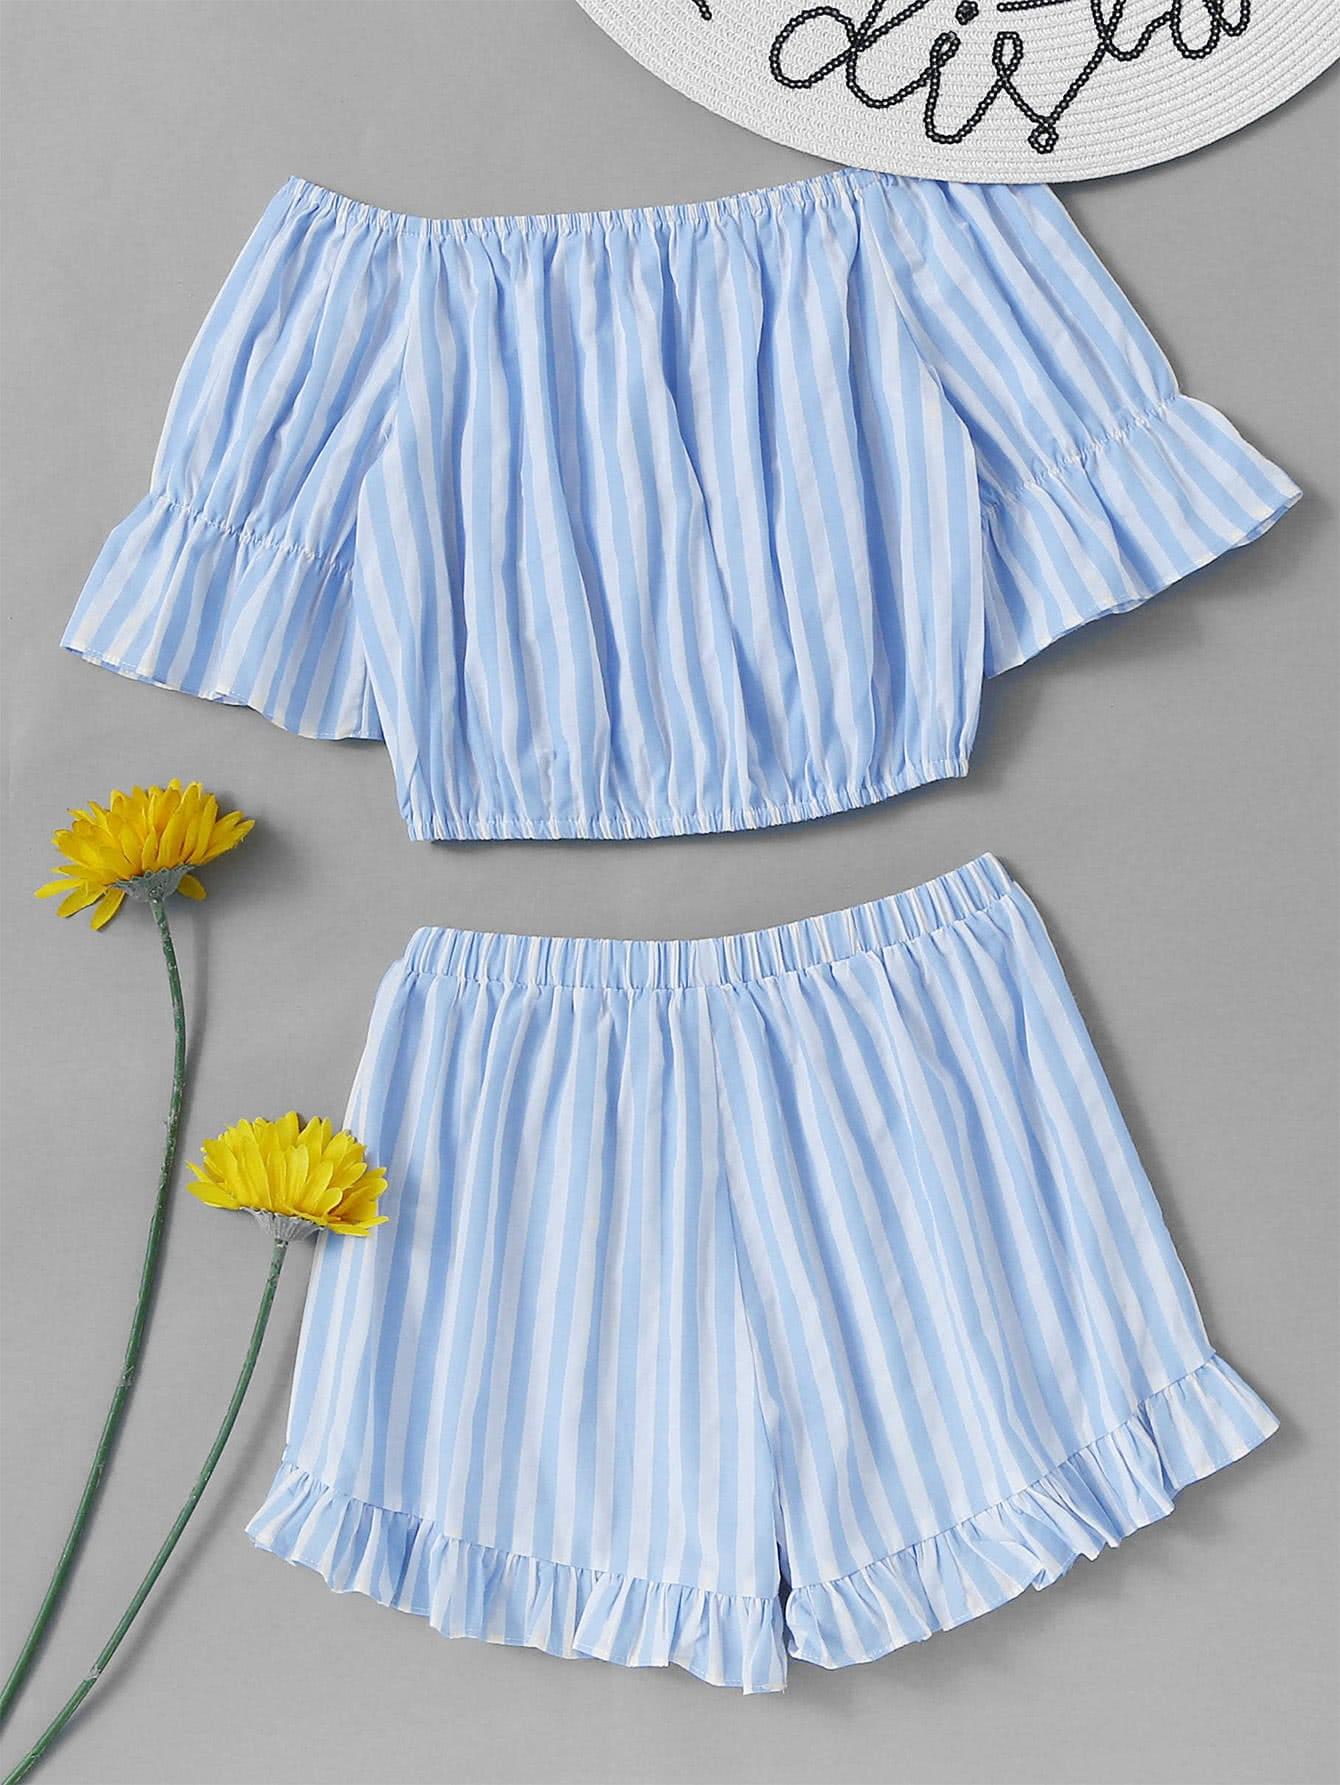 Фото Bardot Contrast Striped Crop Top With Frill Hem Shorts. Купить с доставкой